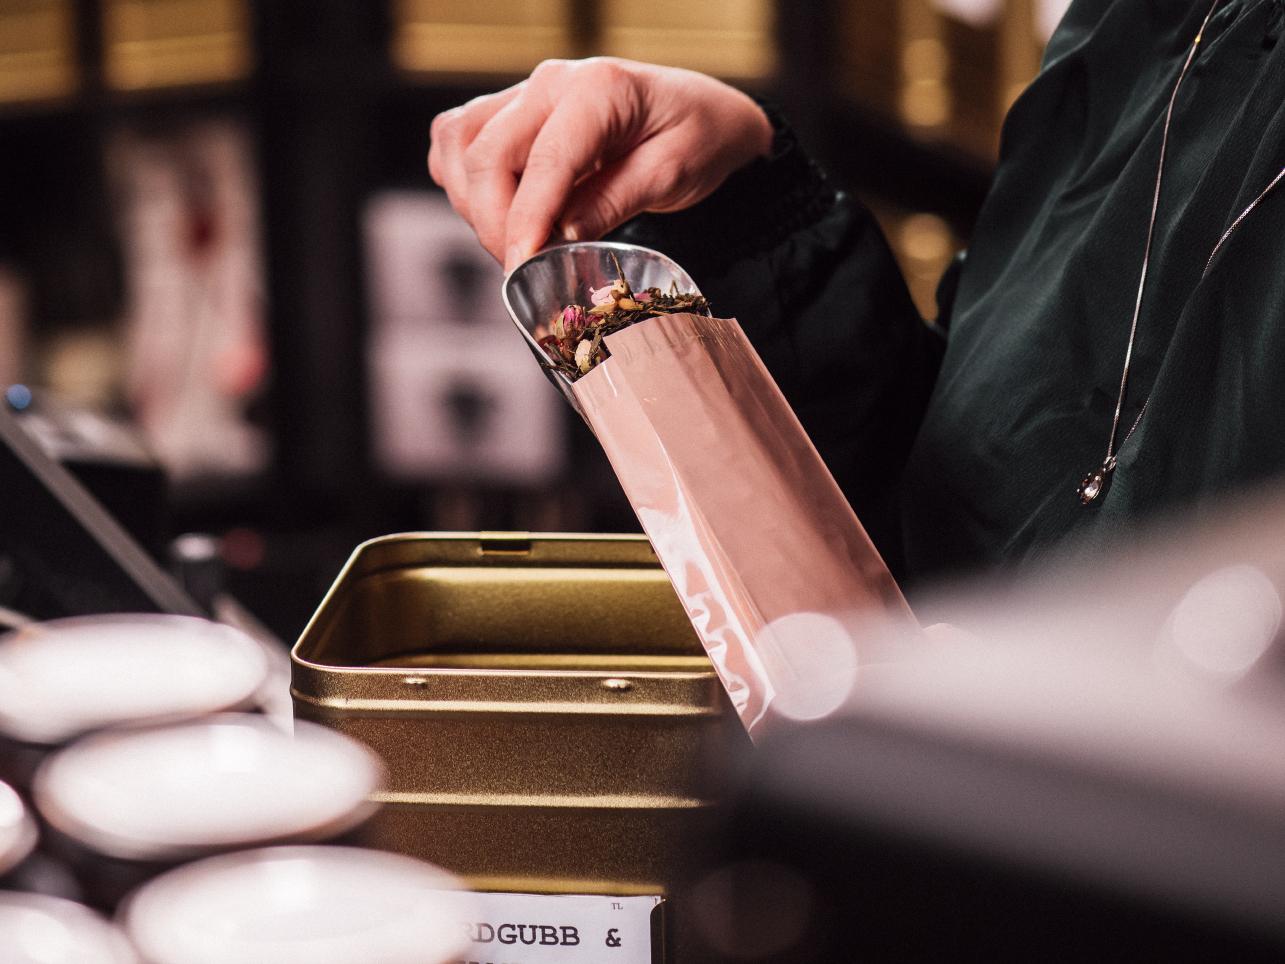 Kassörska häller kaffebönor i påse på Maria på Liljeåkers te & kaffehandel i Linköping fotograferat av Satu Knape fotograf i Linköping